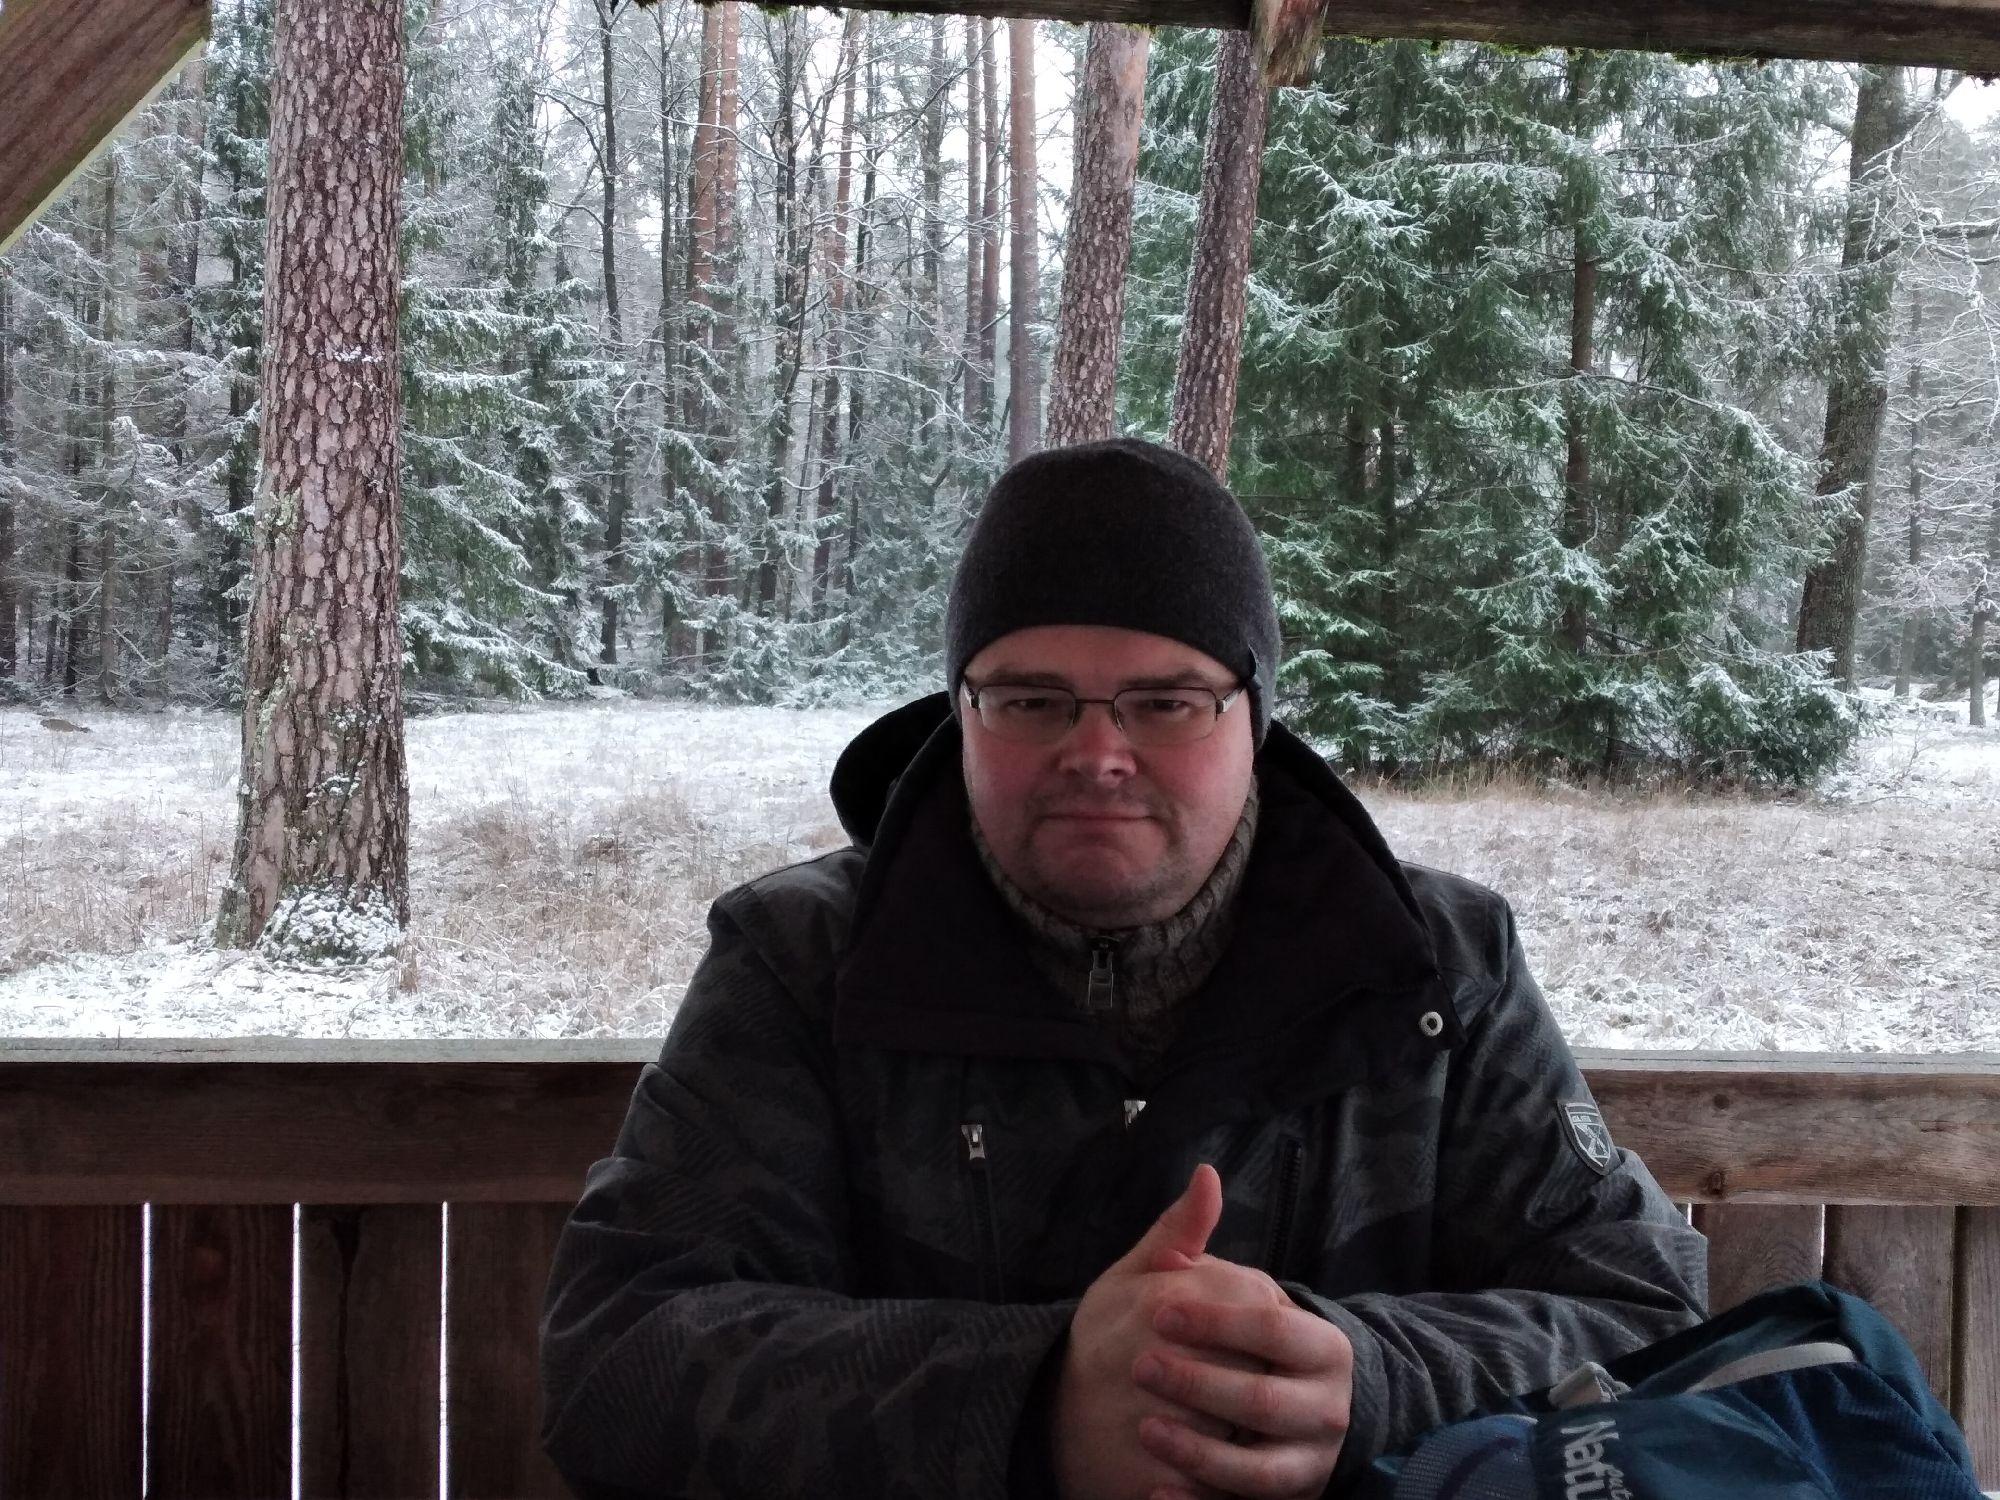 На зимних каникулах волюнтаристски передвинул график работы отделения и закатились с супругой в Беловежскую пущу снова. Но с лыжами не срослось, поэтому так гуляли.